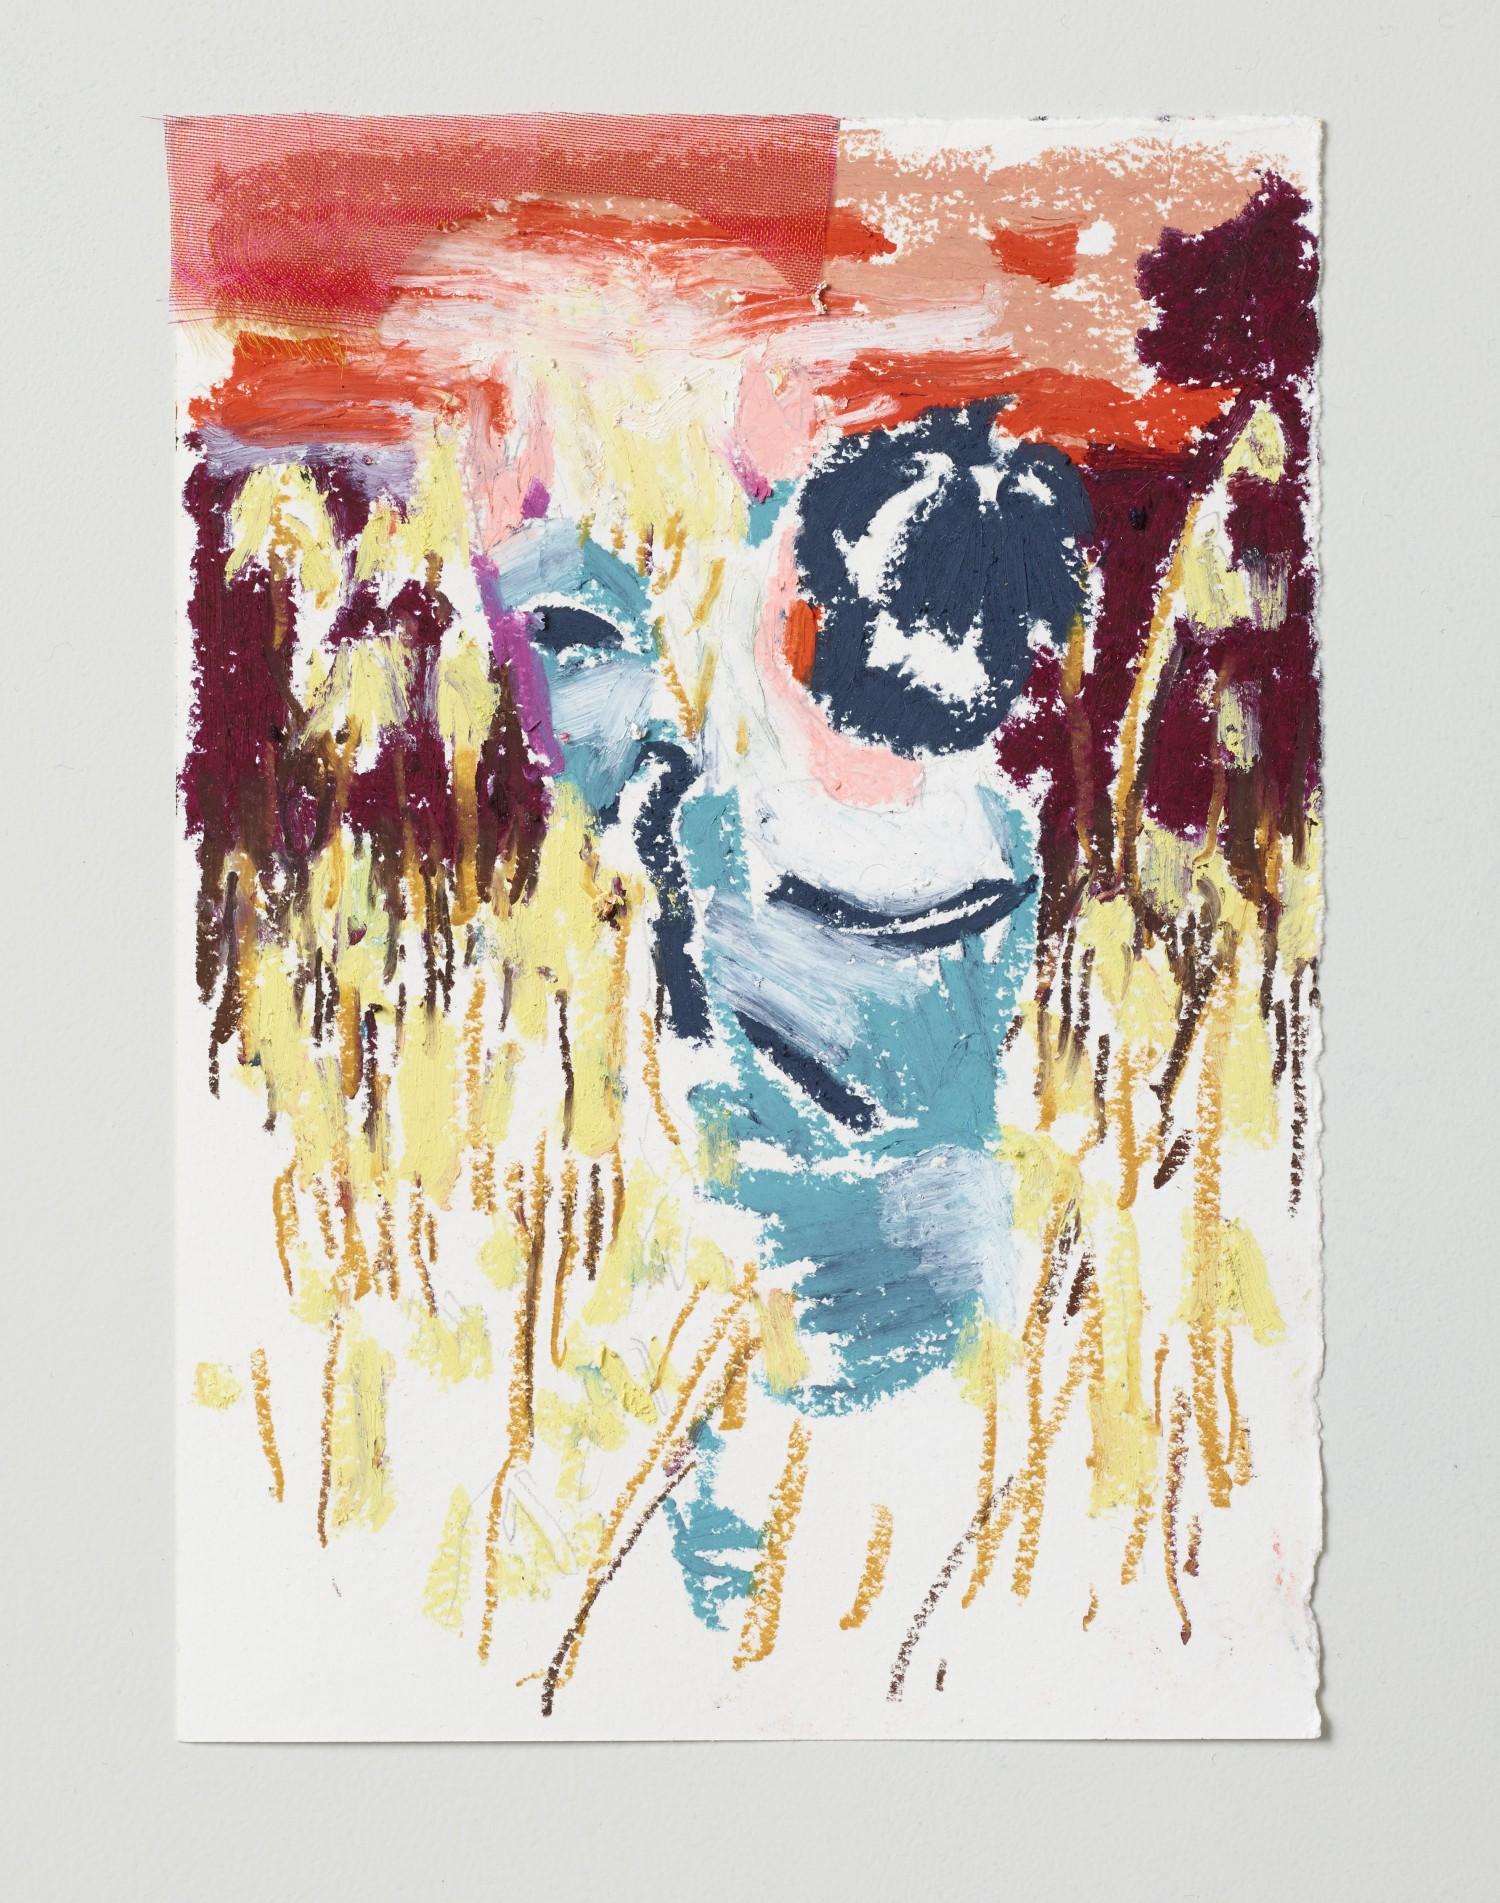 Børnetegning 3/28 (Kidsdrawing), 14 x 17 cm, 2015